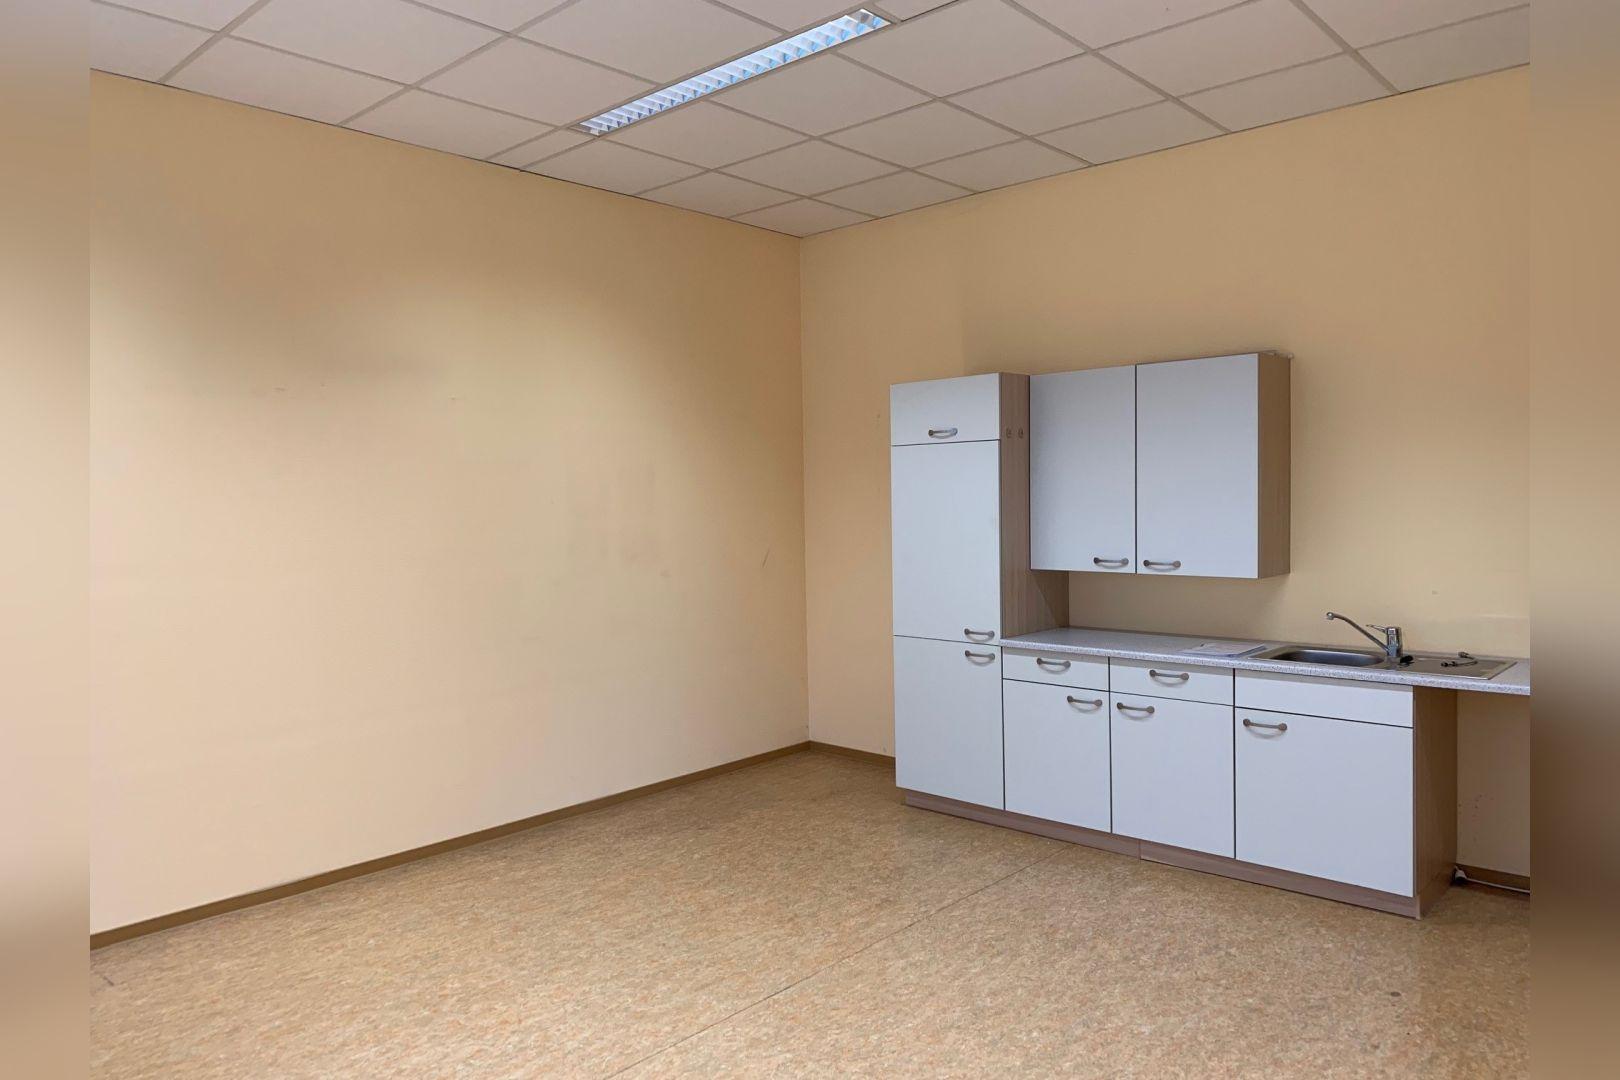 Immobilie Nr.112 - Büro- oder Praxisfläche für Dienstleistung, Medizin, Verwaltung  - Bild 18.jpg